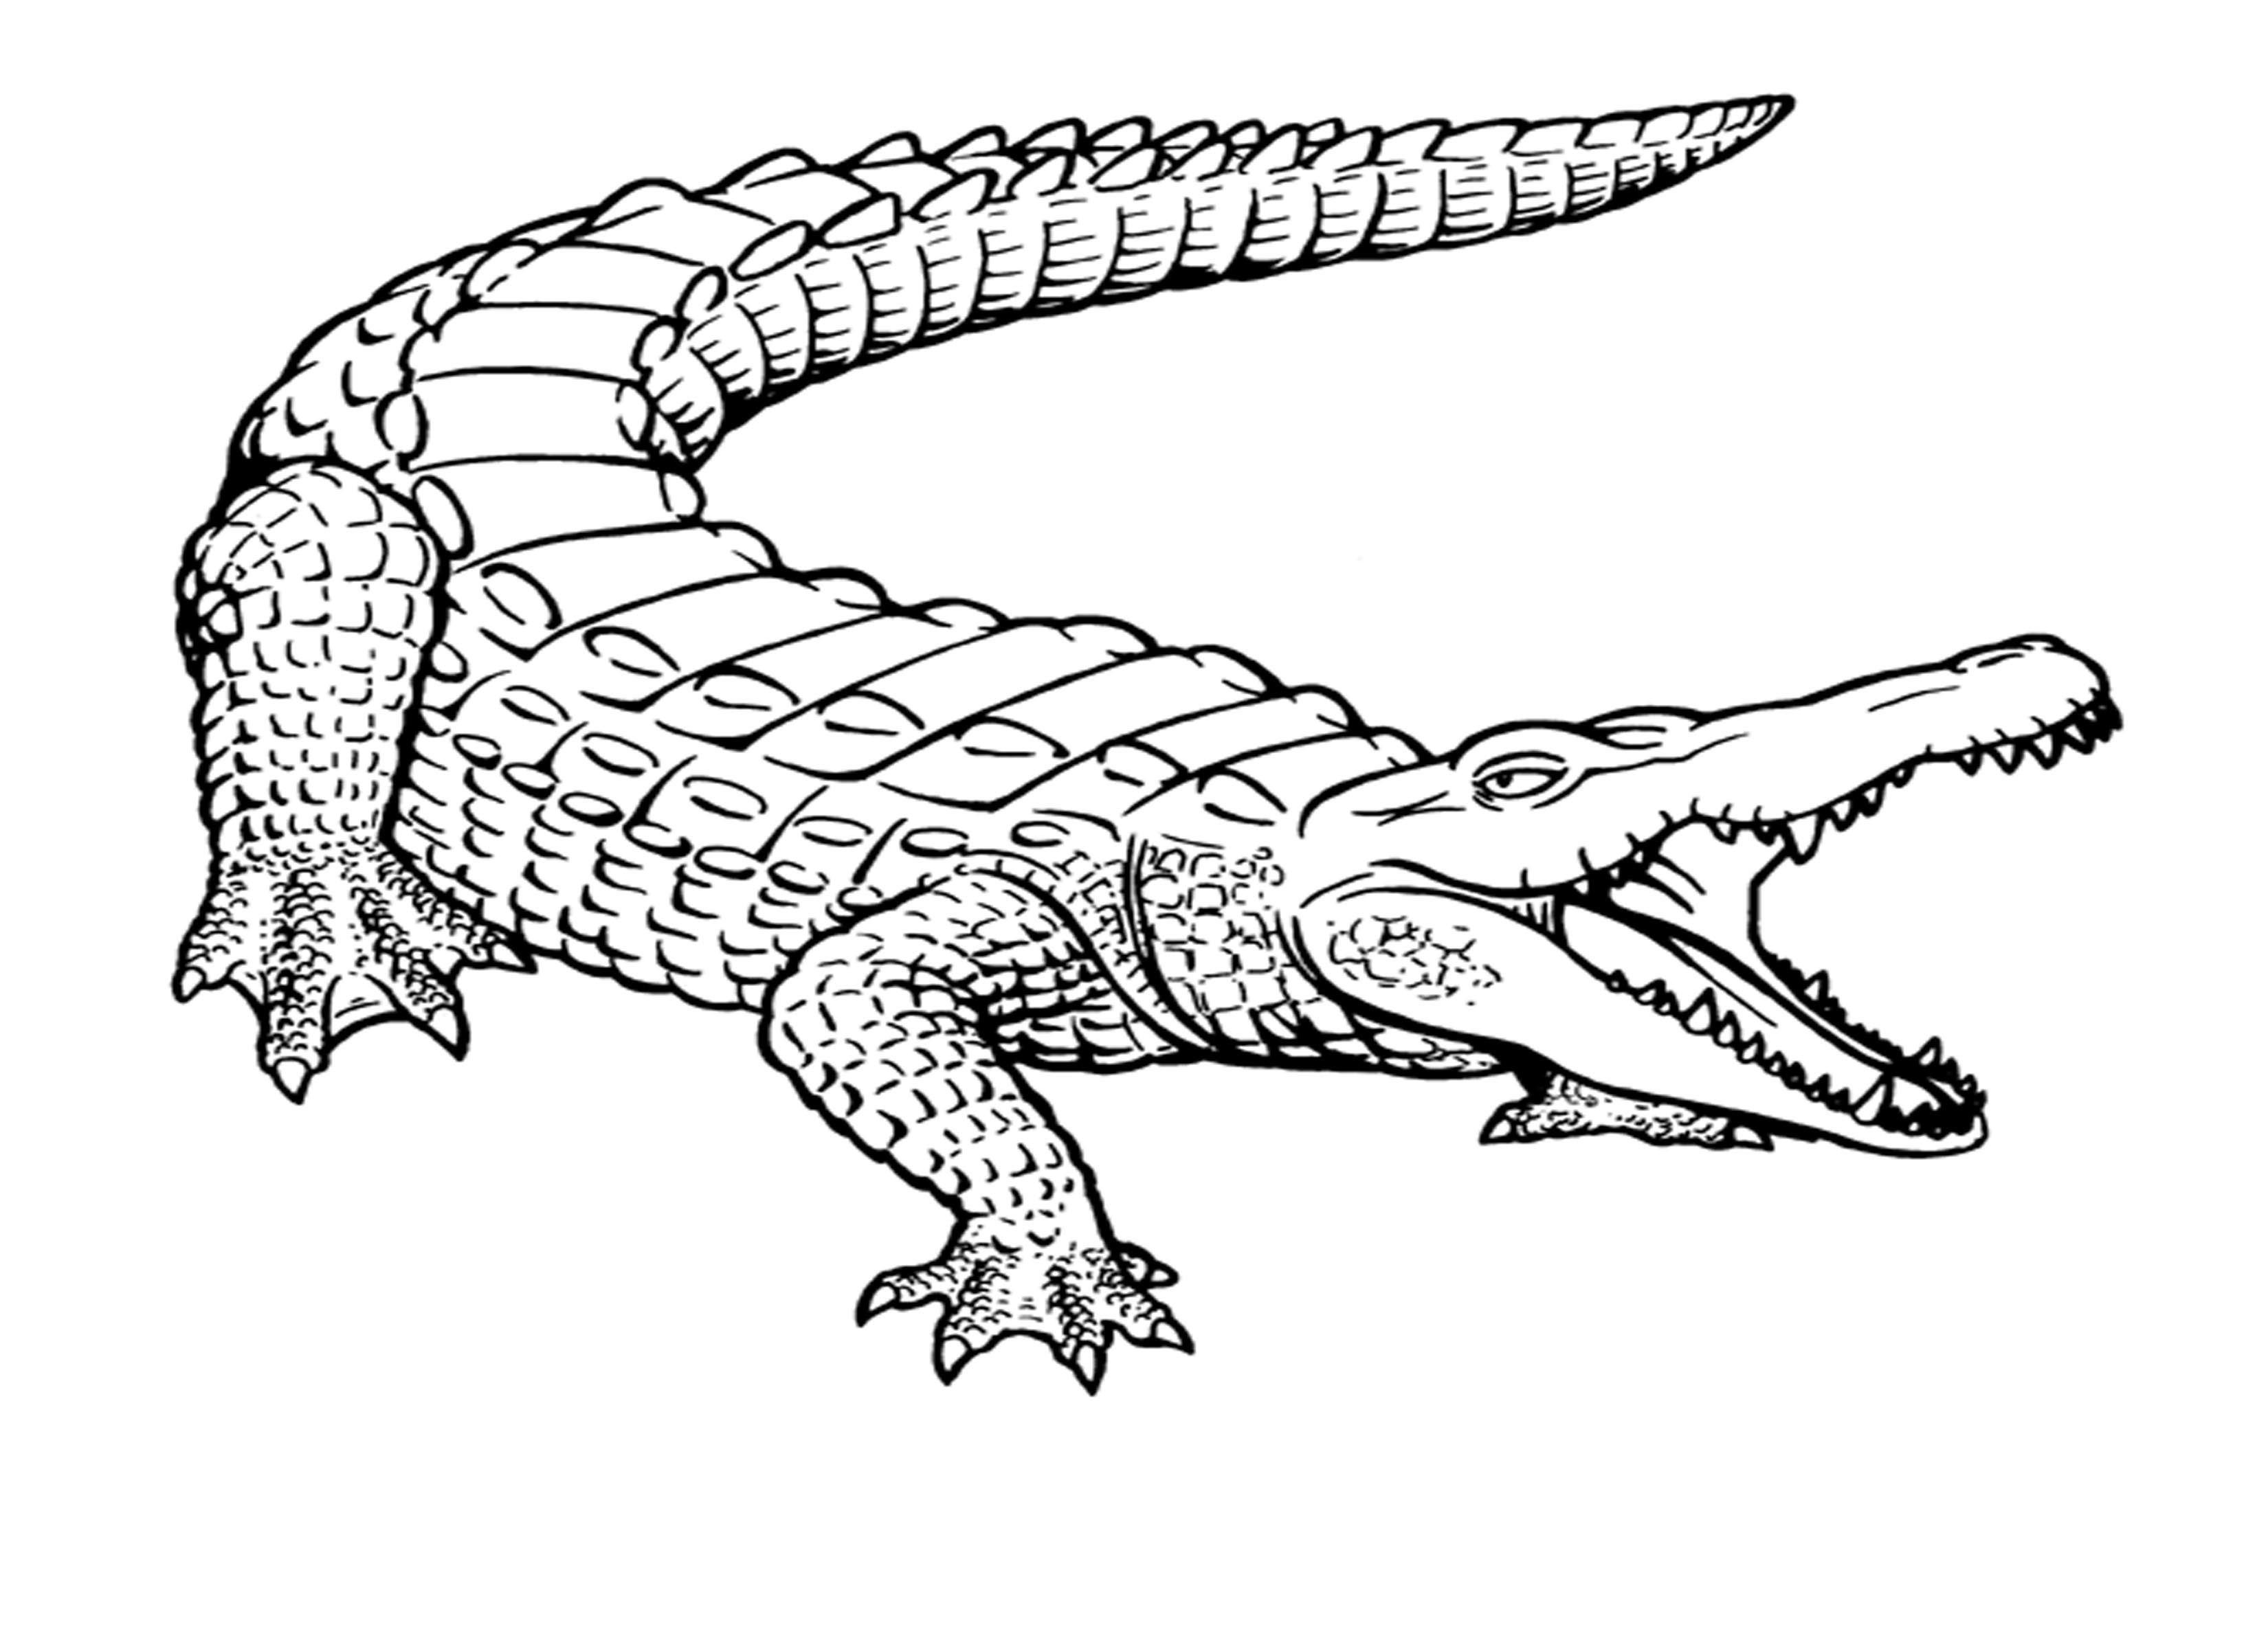 Crocodile-Coloring-Pages-Kids (3300×2400) | Coloriage concernant Photo De Crocodile A Imprimer